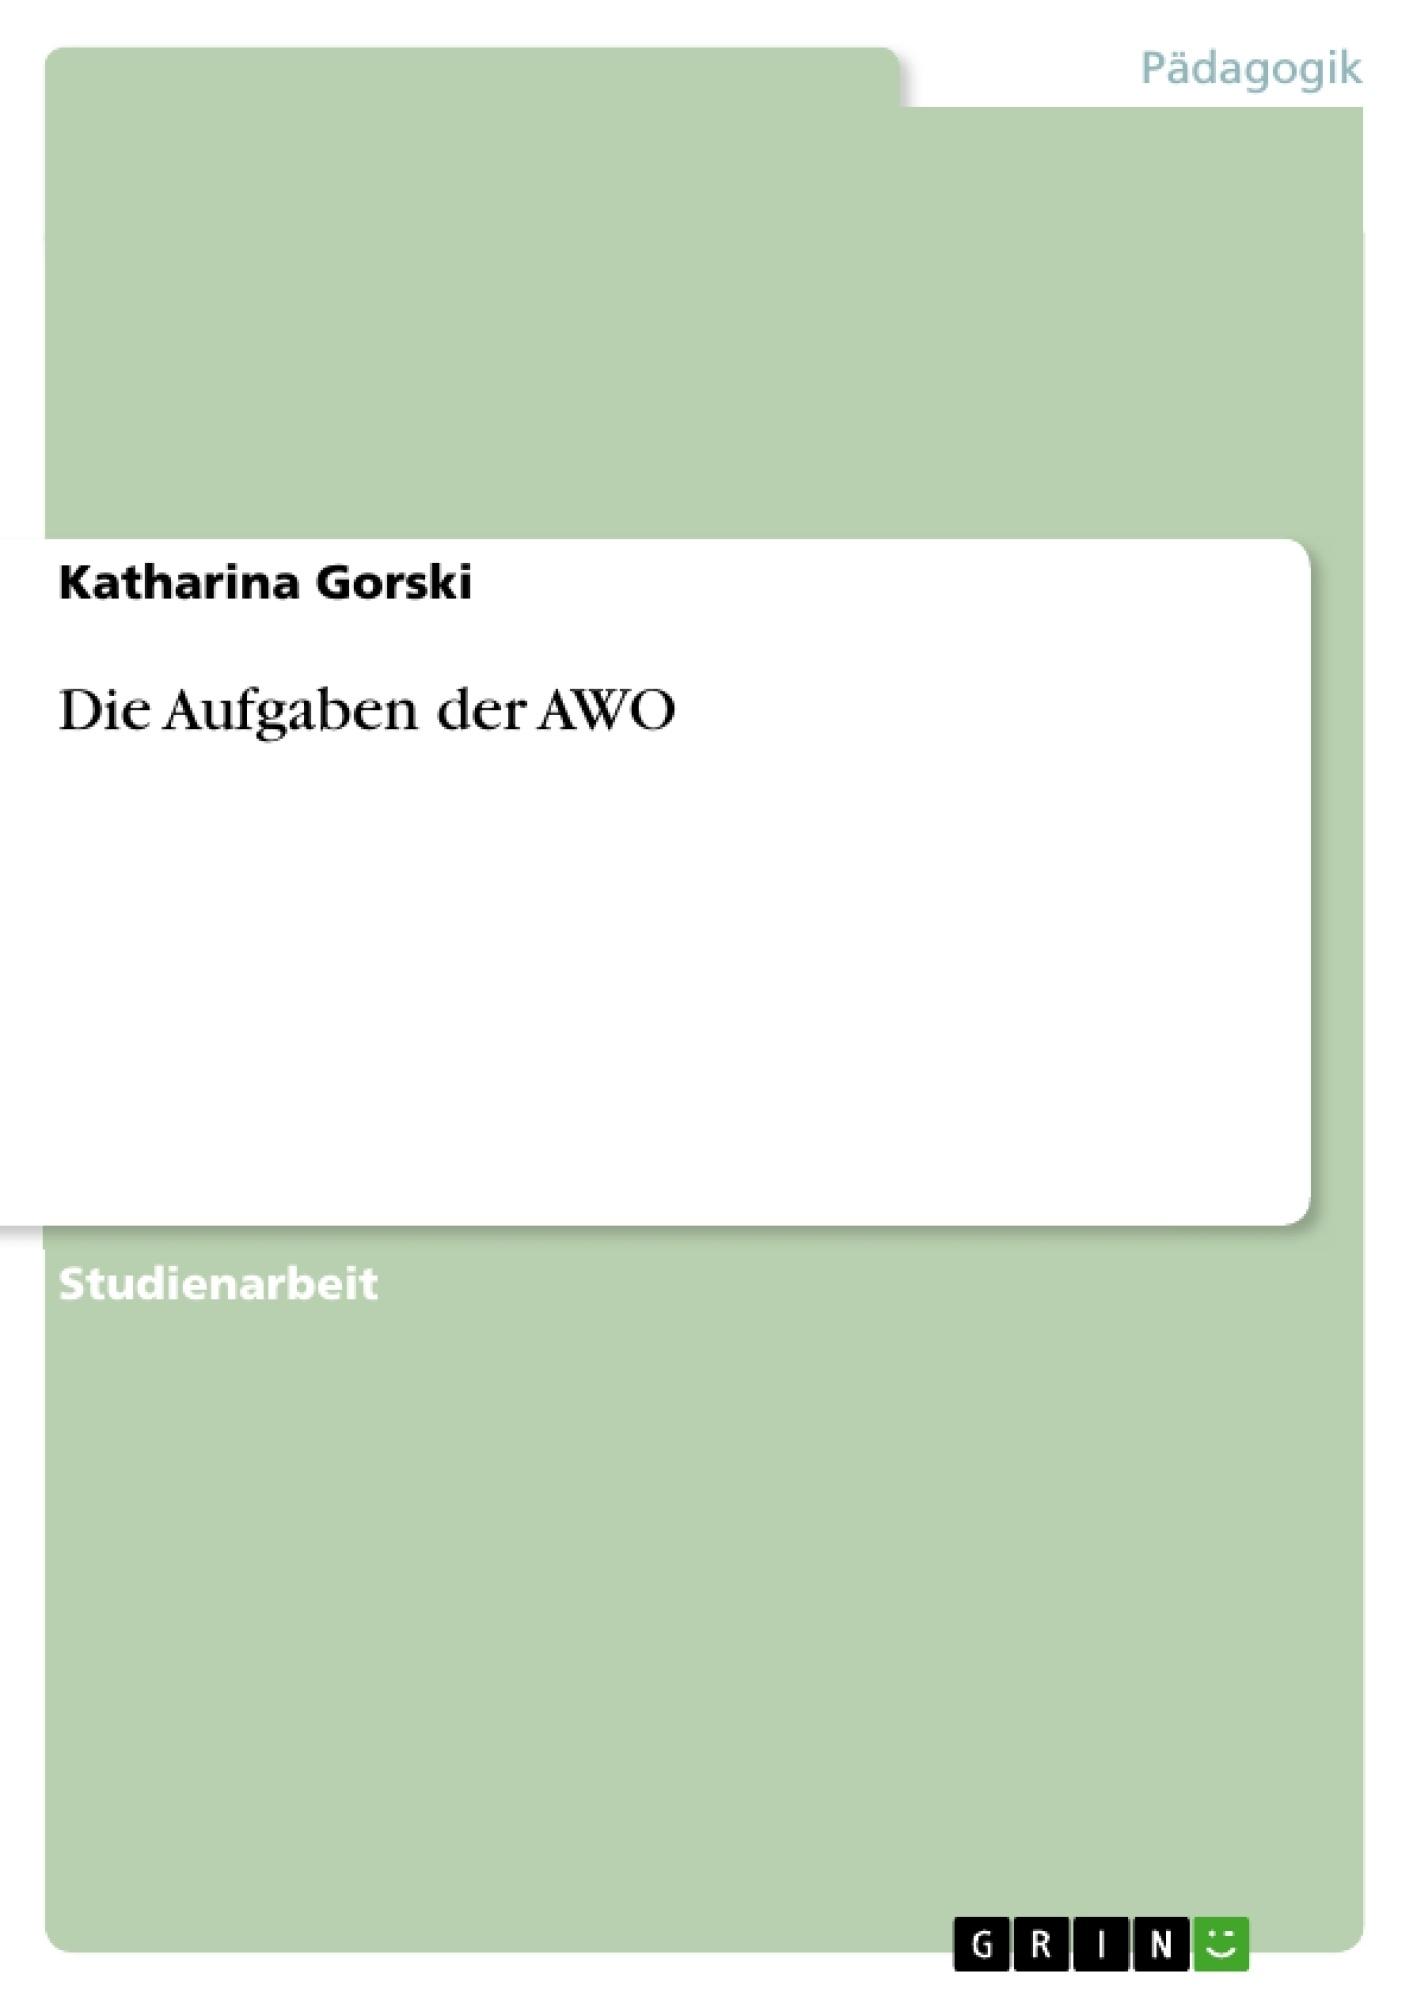 Titel: Die Aufgaben der AWO